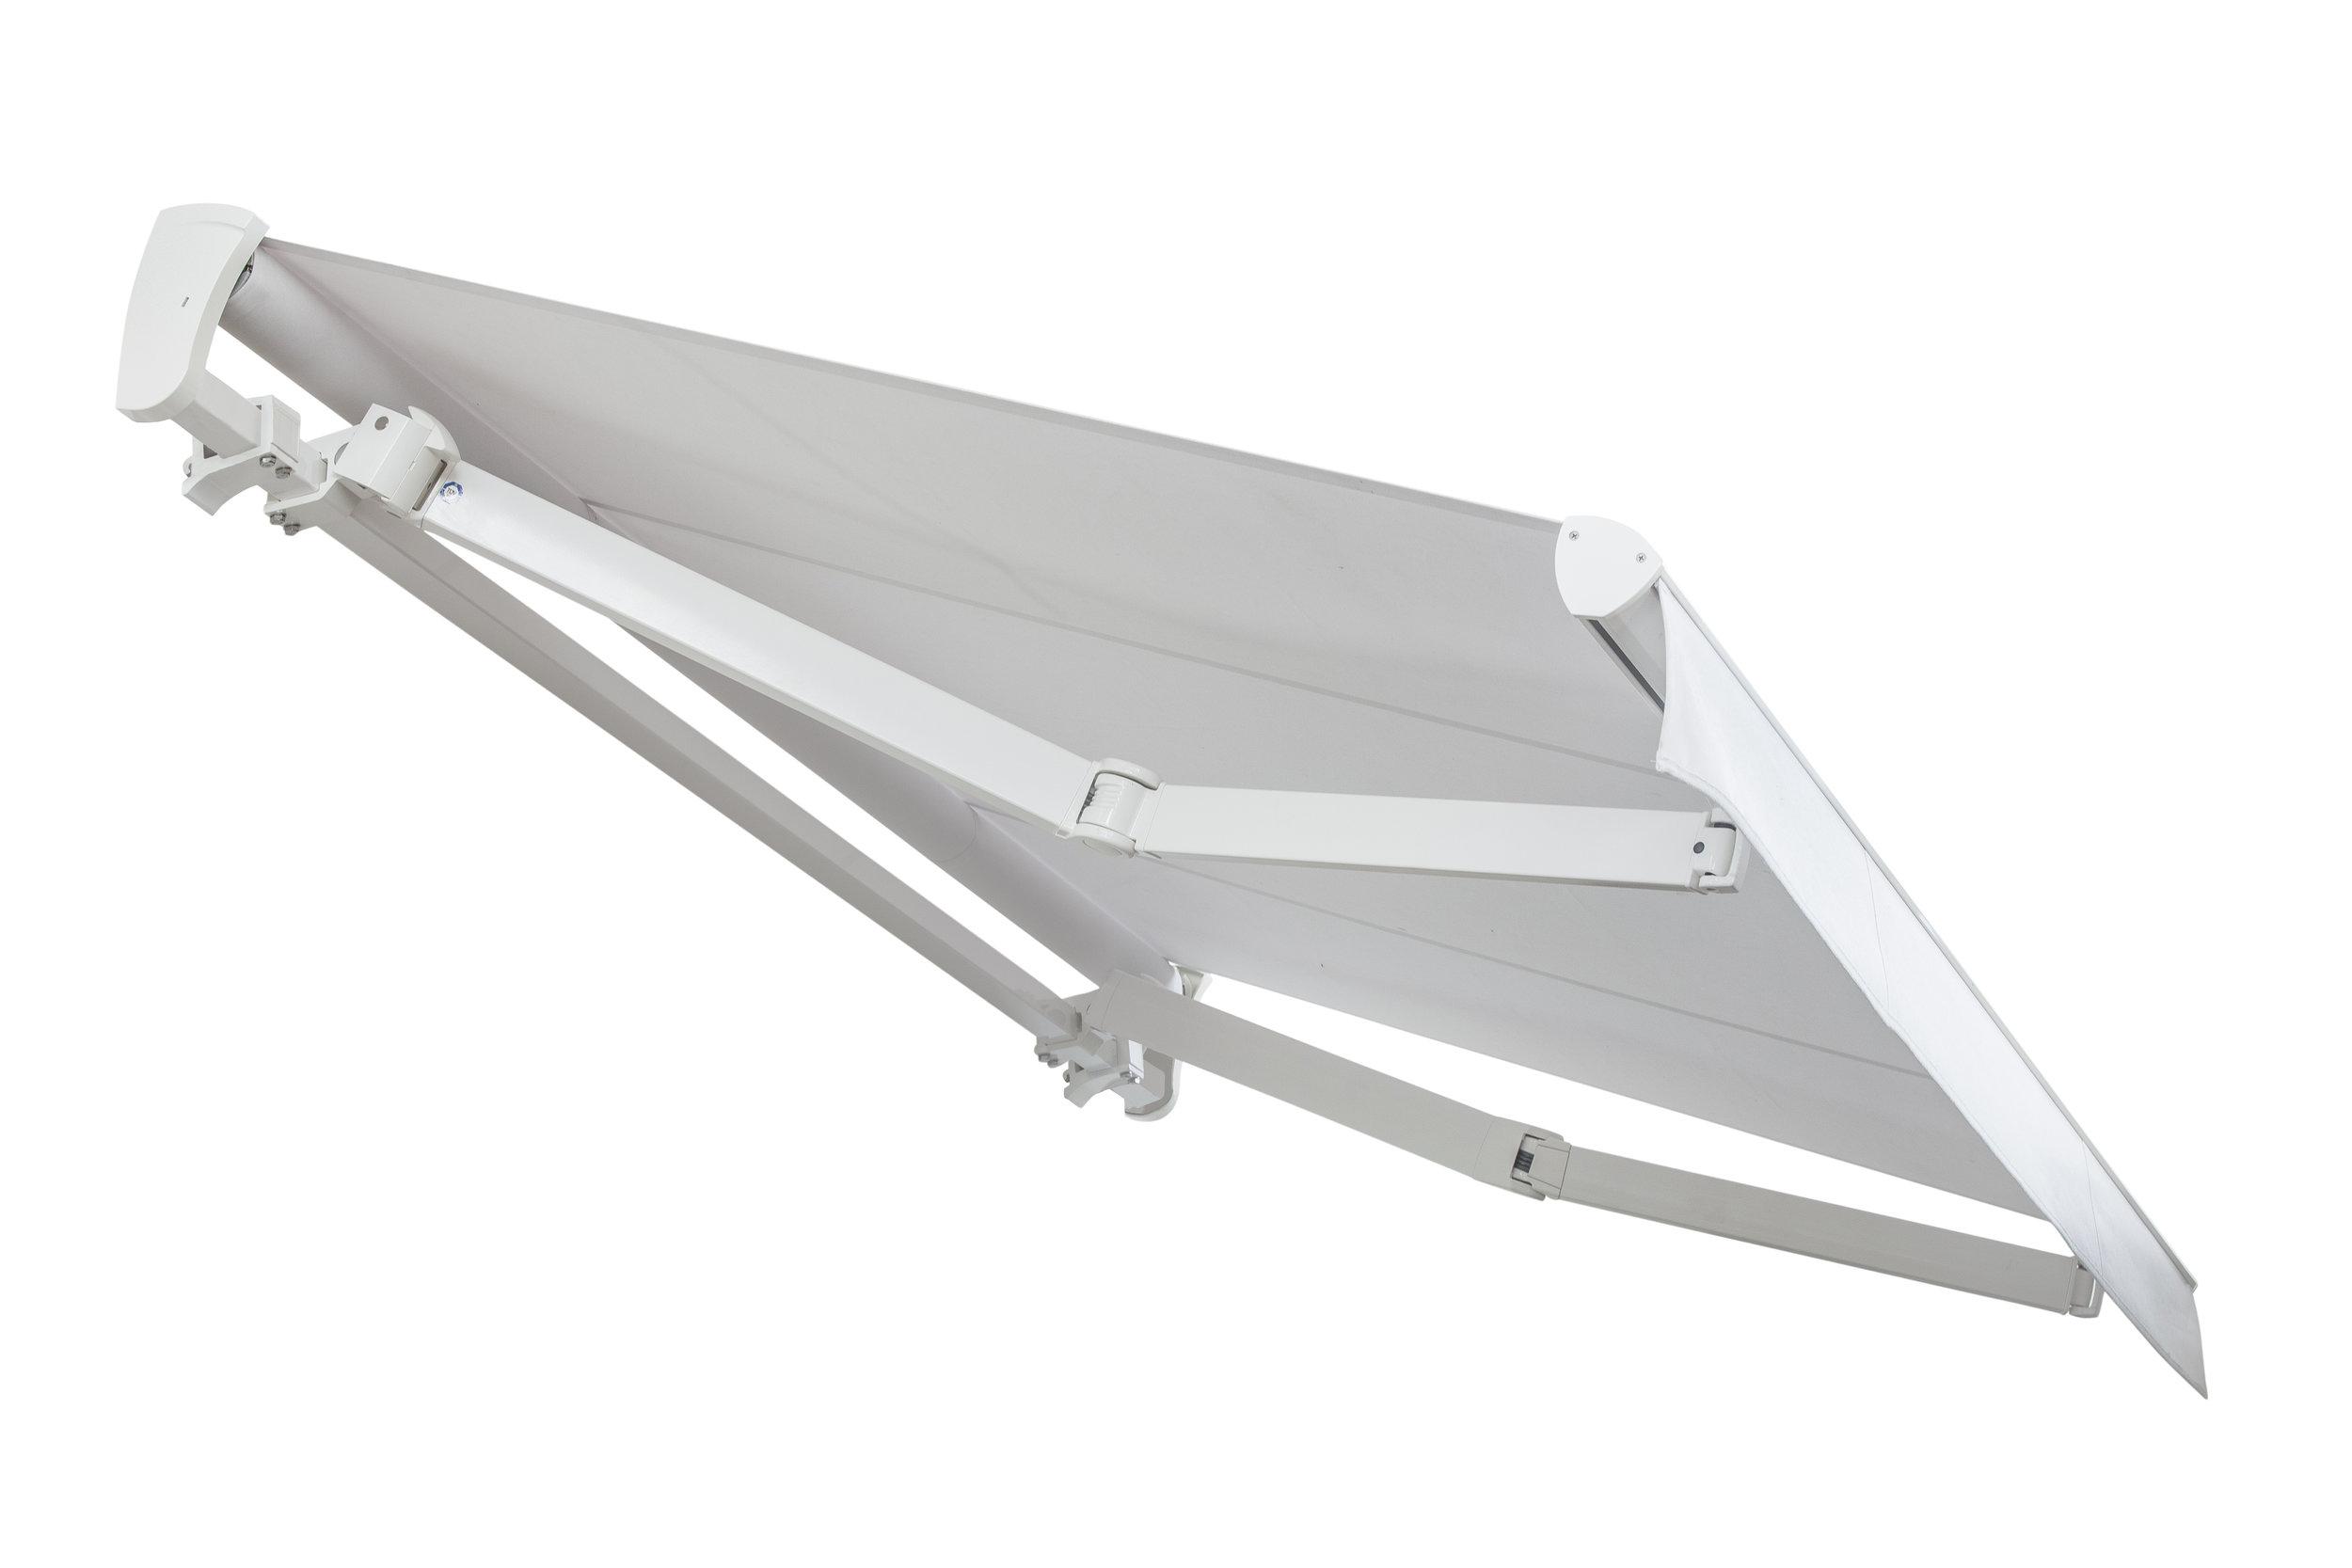 TOP LINE plus - - Concepito per la copertura di grandi spazi- Profilo rinforzato e bracci certificati TÜV- Dimensioni max (L) cm 1200 x (Sp) cm 400